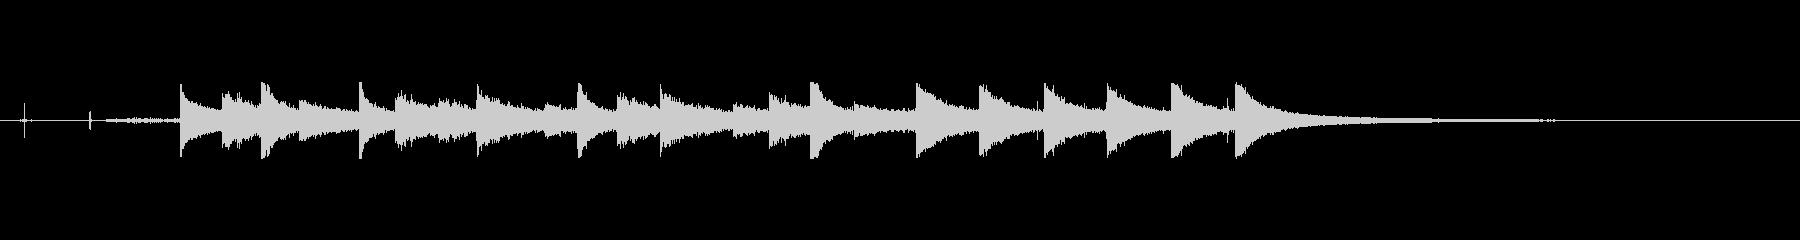 チャイム:ストライクシックス時の未再生の波形